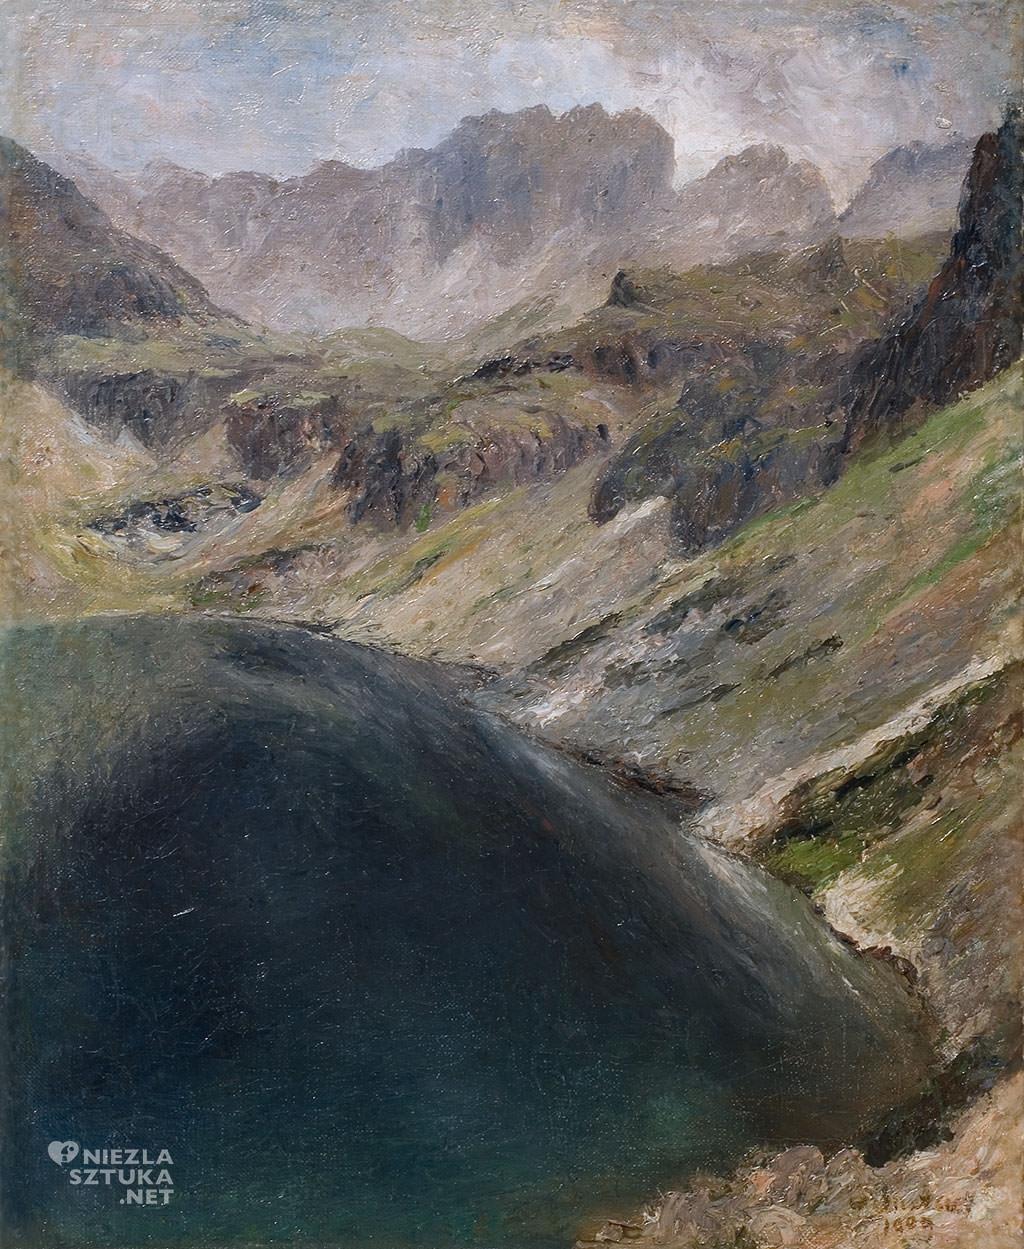 Soter Jaxa Malachowski, Czarny Staw, góry, sztuka polska, malarstwo polskie, Niezła sztuka